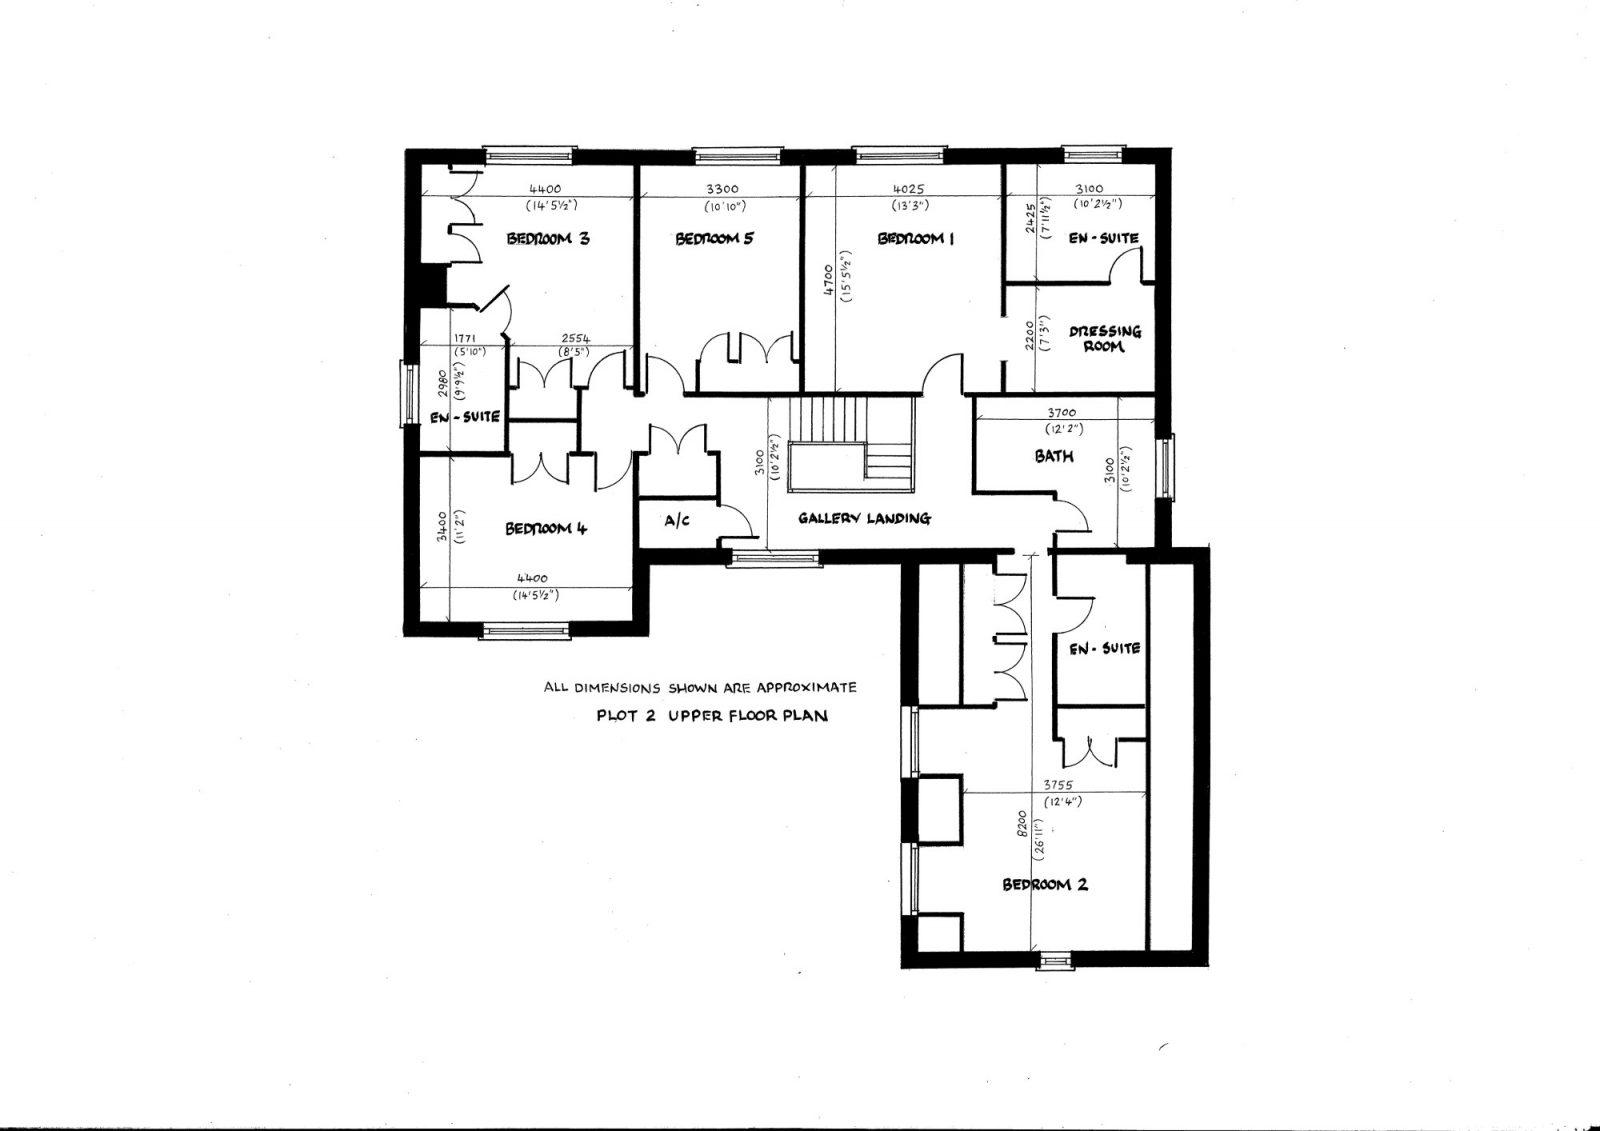 plot 2 upper floor plan 1